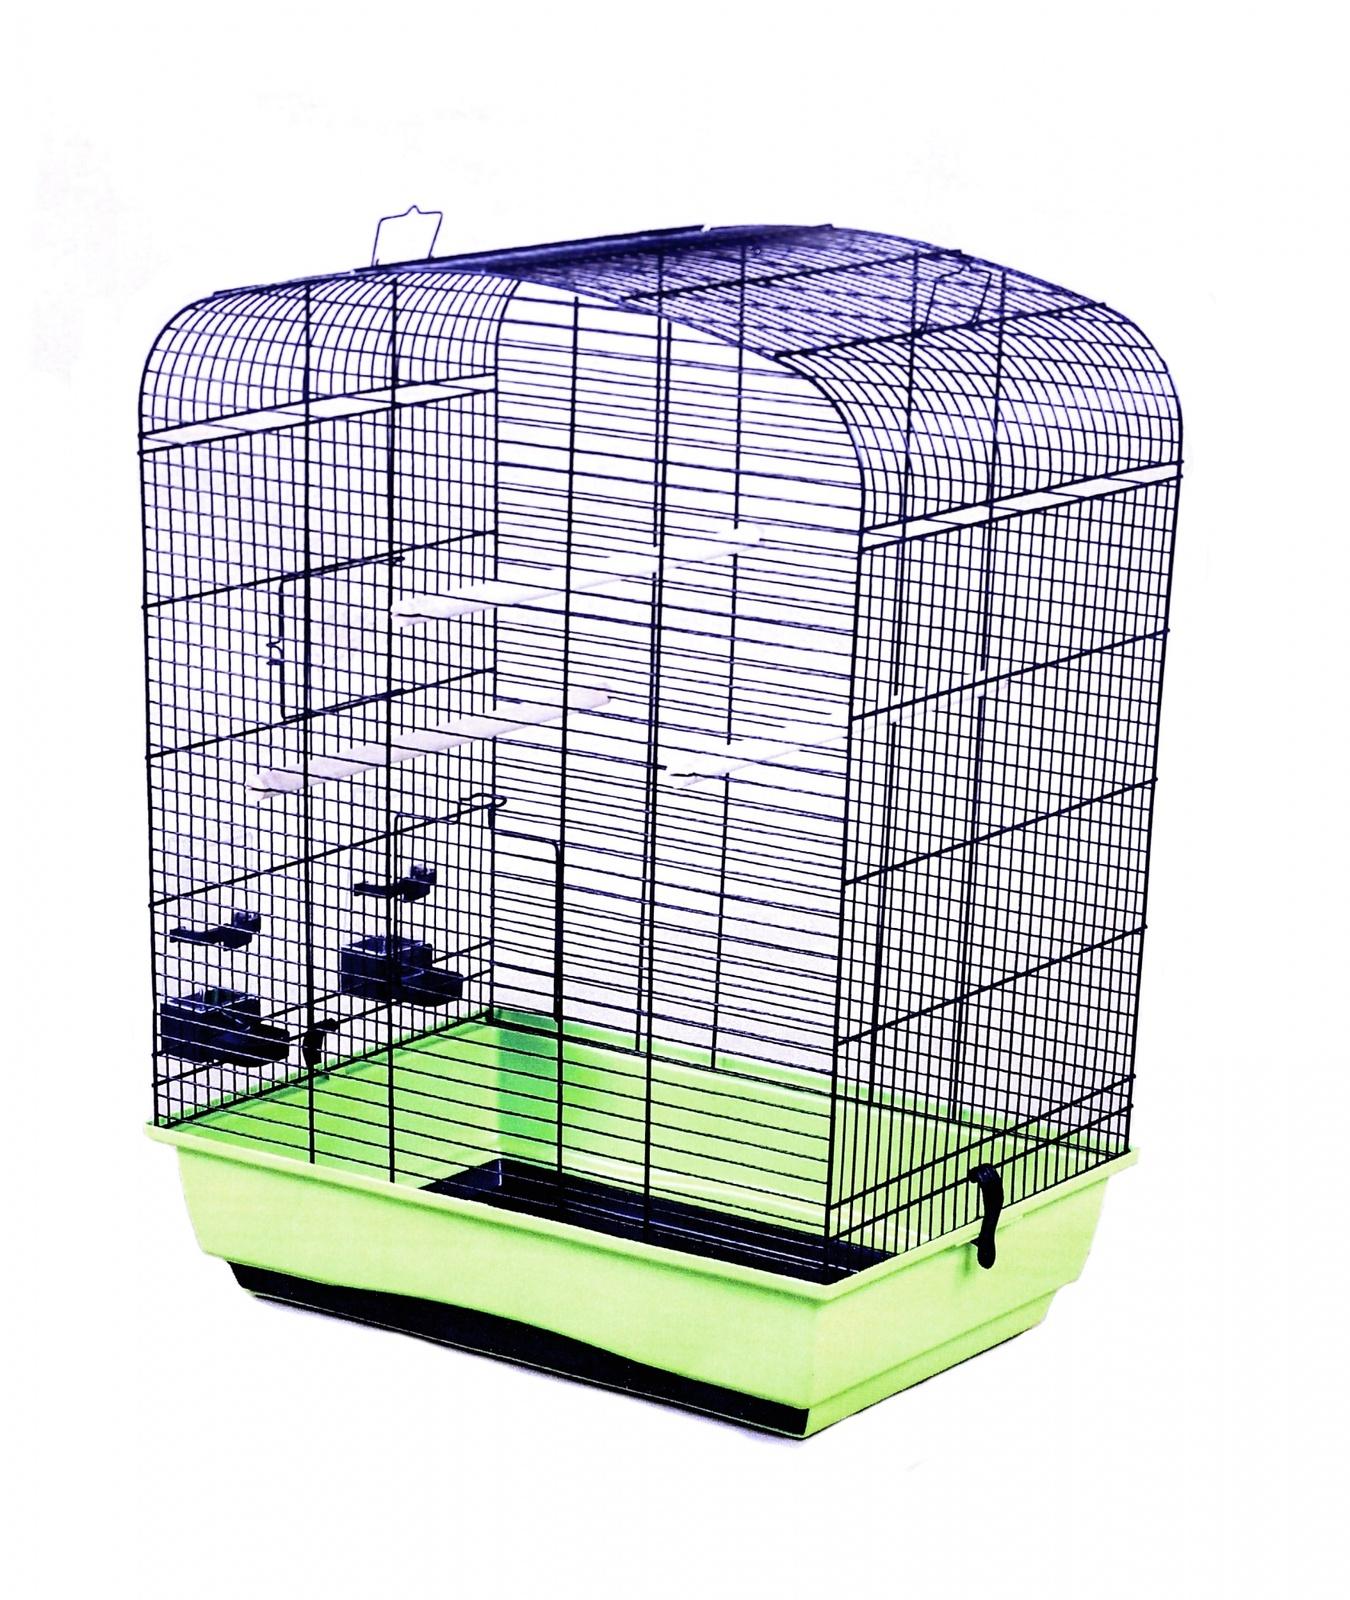 benelux Benelux Клетка для птиц Сара 54 * 39 * 75 см (Birdcage sara) 15210 50817